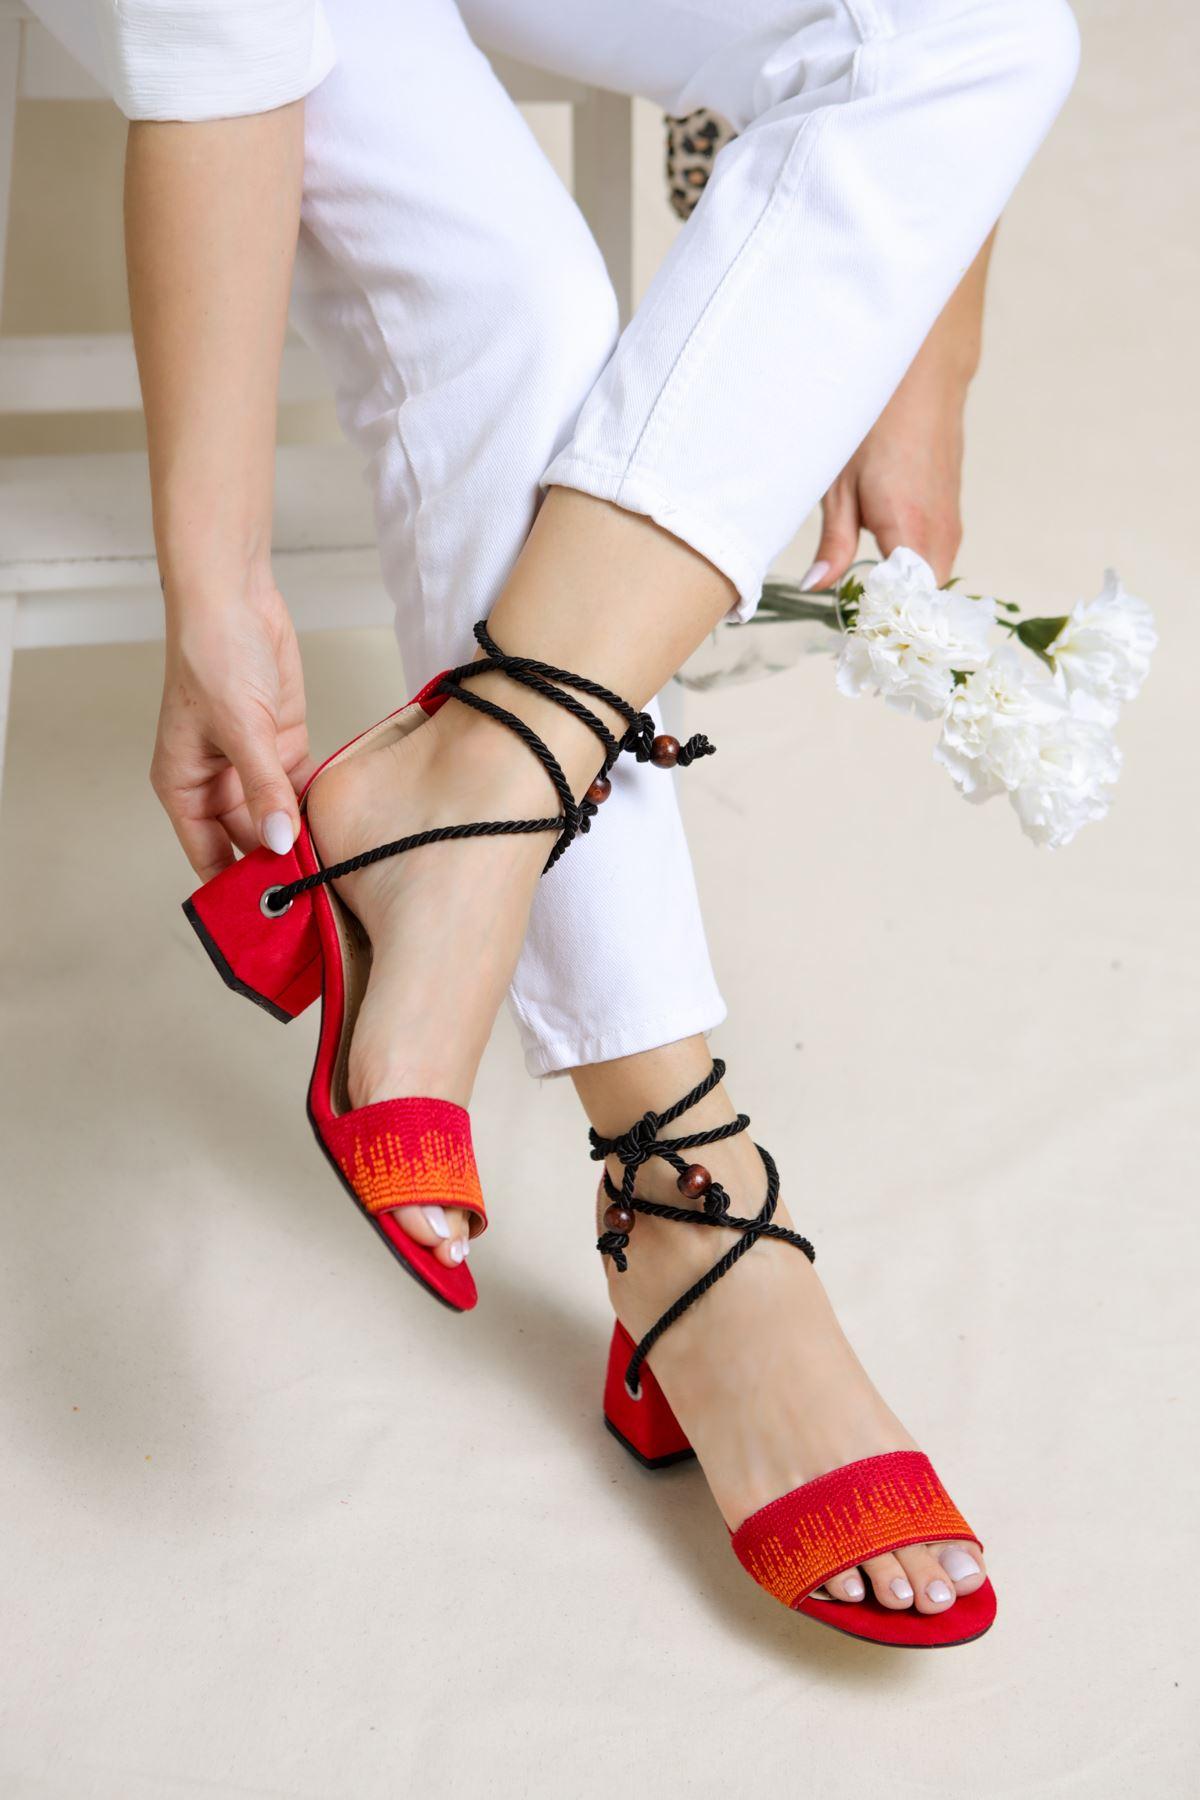 Fulvia Kırmızı Süet Kadın Topuklu Ayakkabı